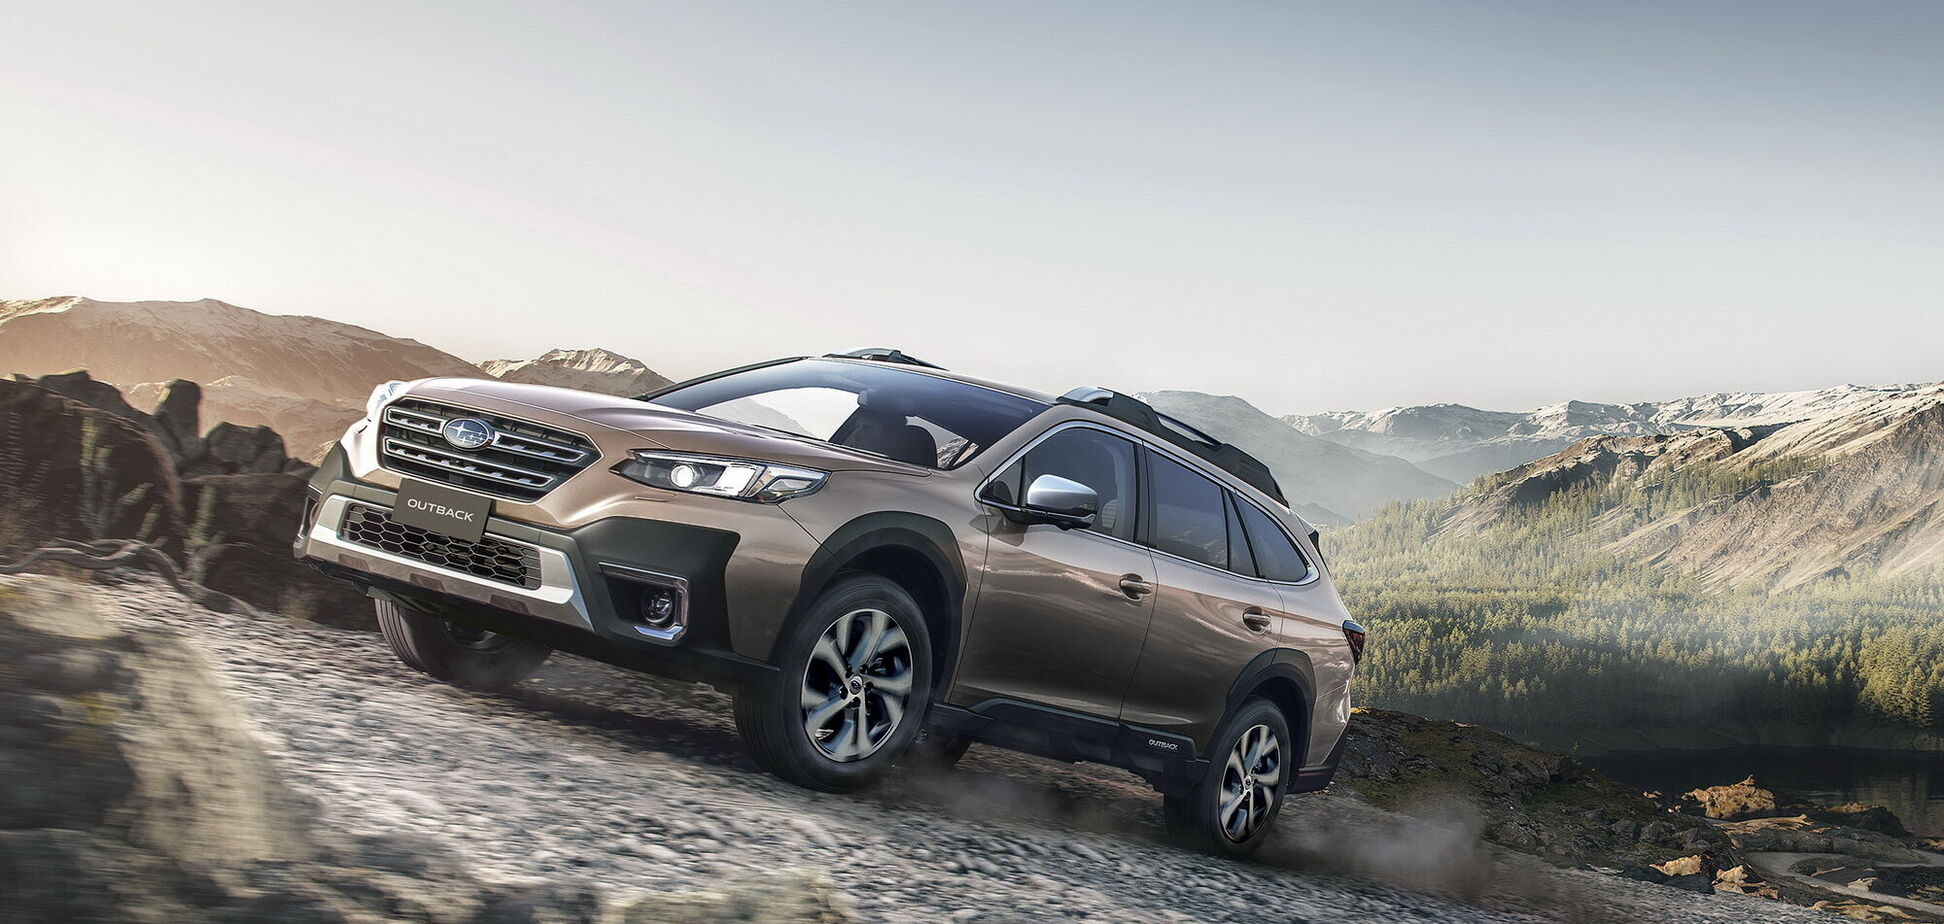 Subaru відзначила випуск 20-мілліонного авто з повним приводом